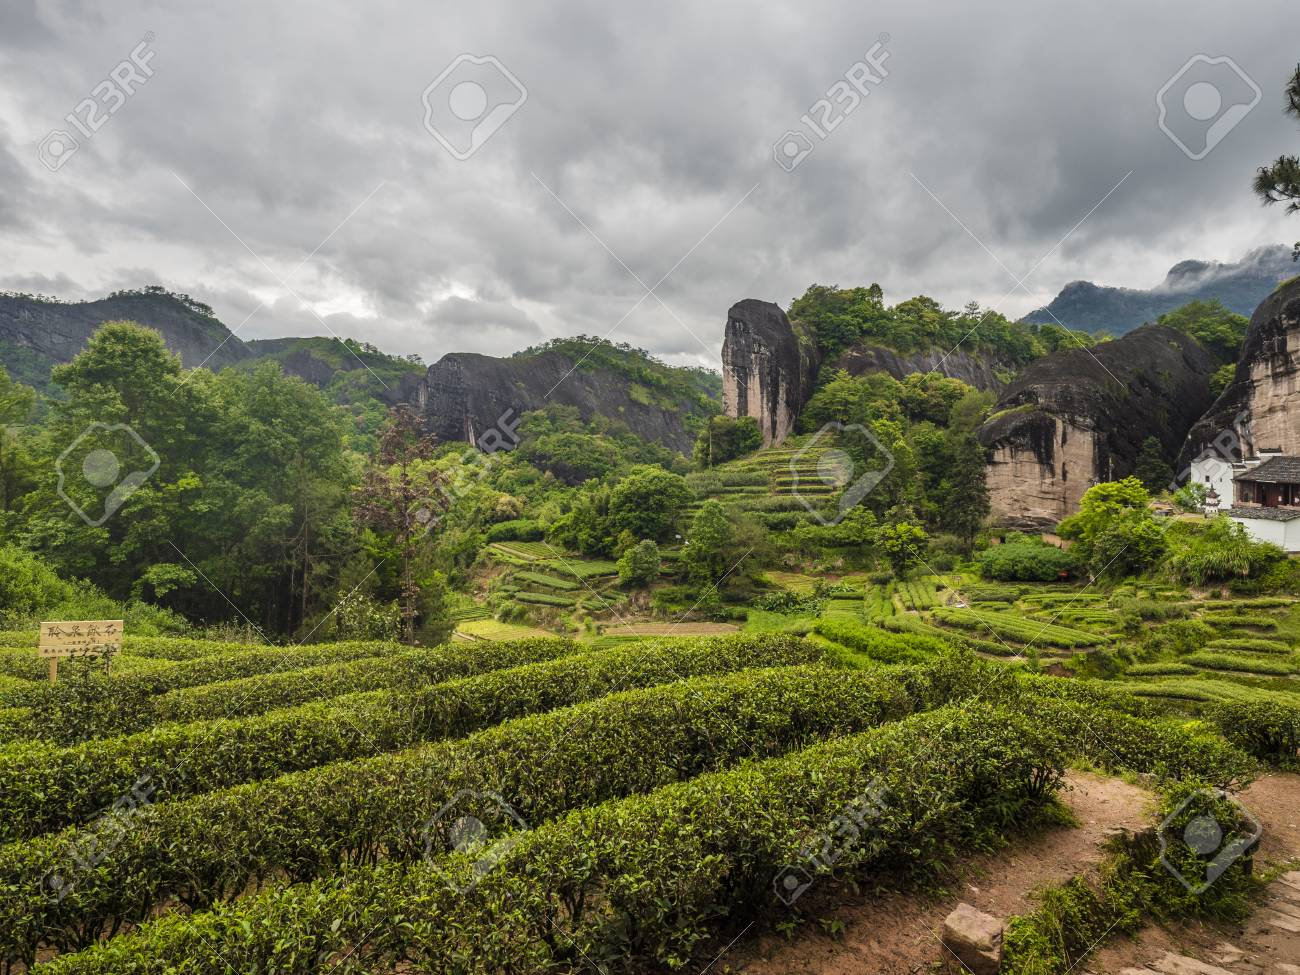 Matouyan landscape scenery view - 83931668